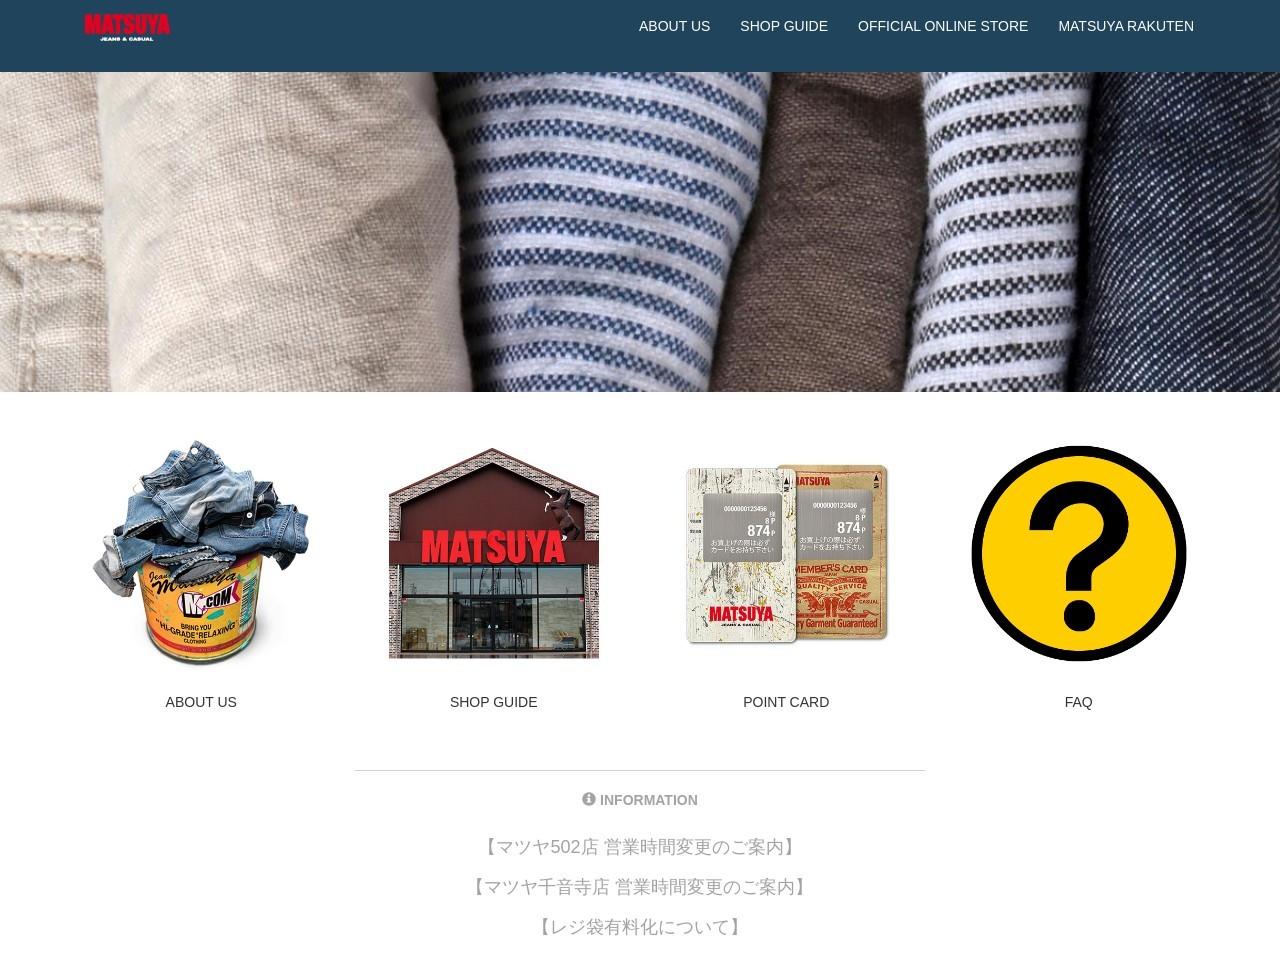 ジーンズ&カジュアル専門店MATSUYA